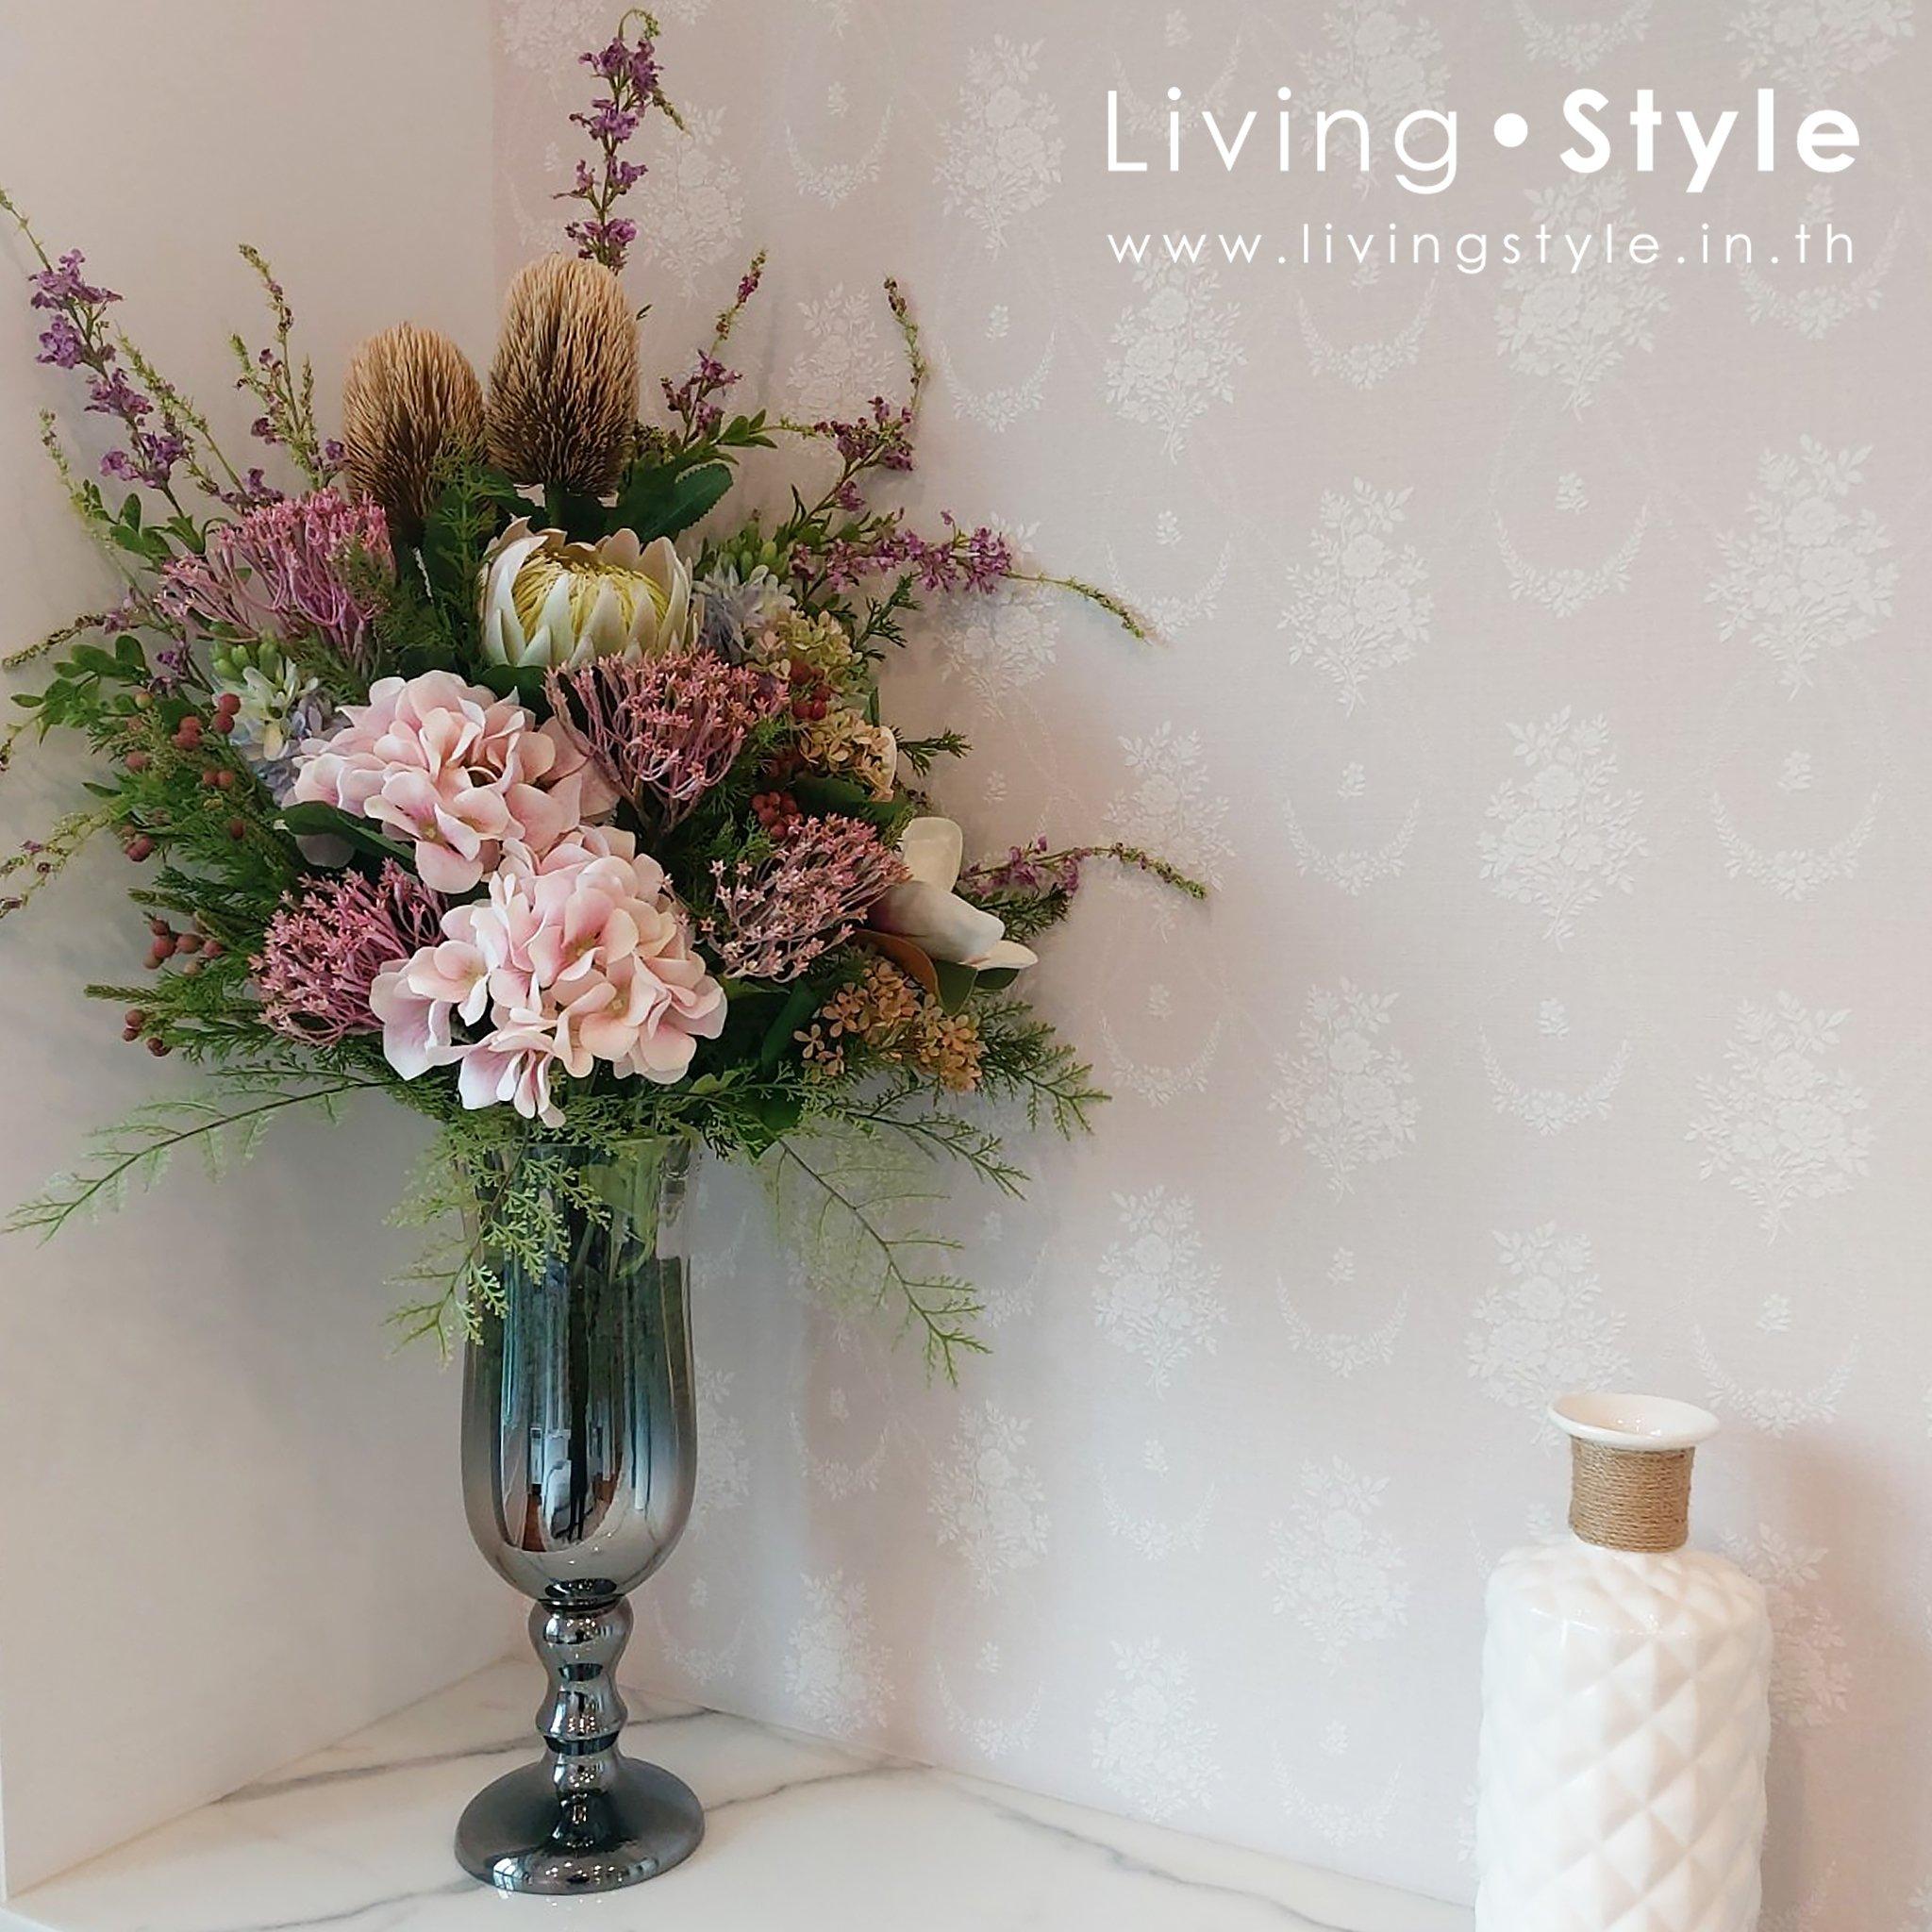 ชุดดอกไม้โทนสีชมพูในแจกันแก้วรมควันทรงสี่เหลี่ยม เพิ่มบรรยากาศบนชั้นวางของ หรือเคาน์เตอร์ด้วยแจกันดอกไม้ สีชมพูสดใส ประกอบด้วยดอกไม้หลากหลายชนิด พร้อมแจกันแก้วรมควันสไตล์โมเดิร์น – เหมาะกับการตั้งในพื้นที่ต้อนรับแขก โถงต้อนรับ Reception Console ต่างๆ – เหมาะกับการตั้งที่ห้องรับแขก ห้องโถงของบ้าน Reception ของออฟฟิศ – เหมาะสำหรับการตกแต่งสไตล์  Contemporary Modern  และสไตล์อื่นๆที่เข้ากัน ขนาด : กว้าง 45 ซม. ยาว 45 ซม. สูง 75 ซม. น้ำหนัก : 1.2 กก. ดอกไม้เทียม ดอกไม้ประดิษฐ์ ดอกไม้ตกแต่งบ้าน ดอกไม้ตกแต่งร้านอาหาร แจกันดอกไม้ ใบไม้เทียม ใบไม้ประดิษฐ์